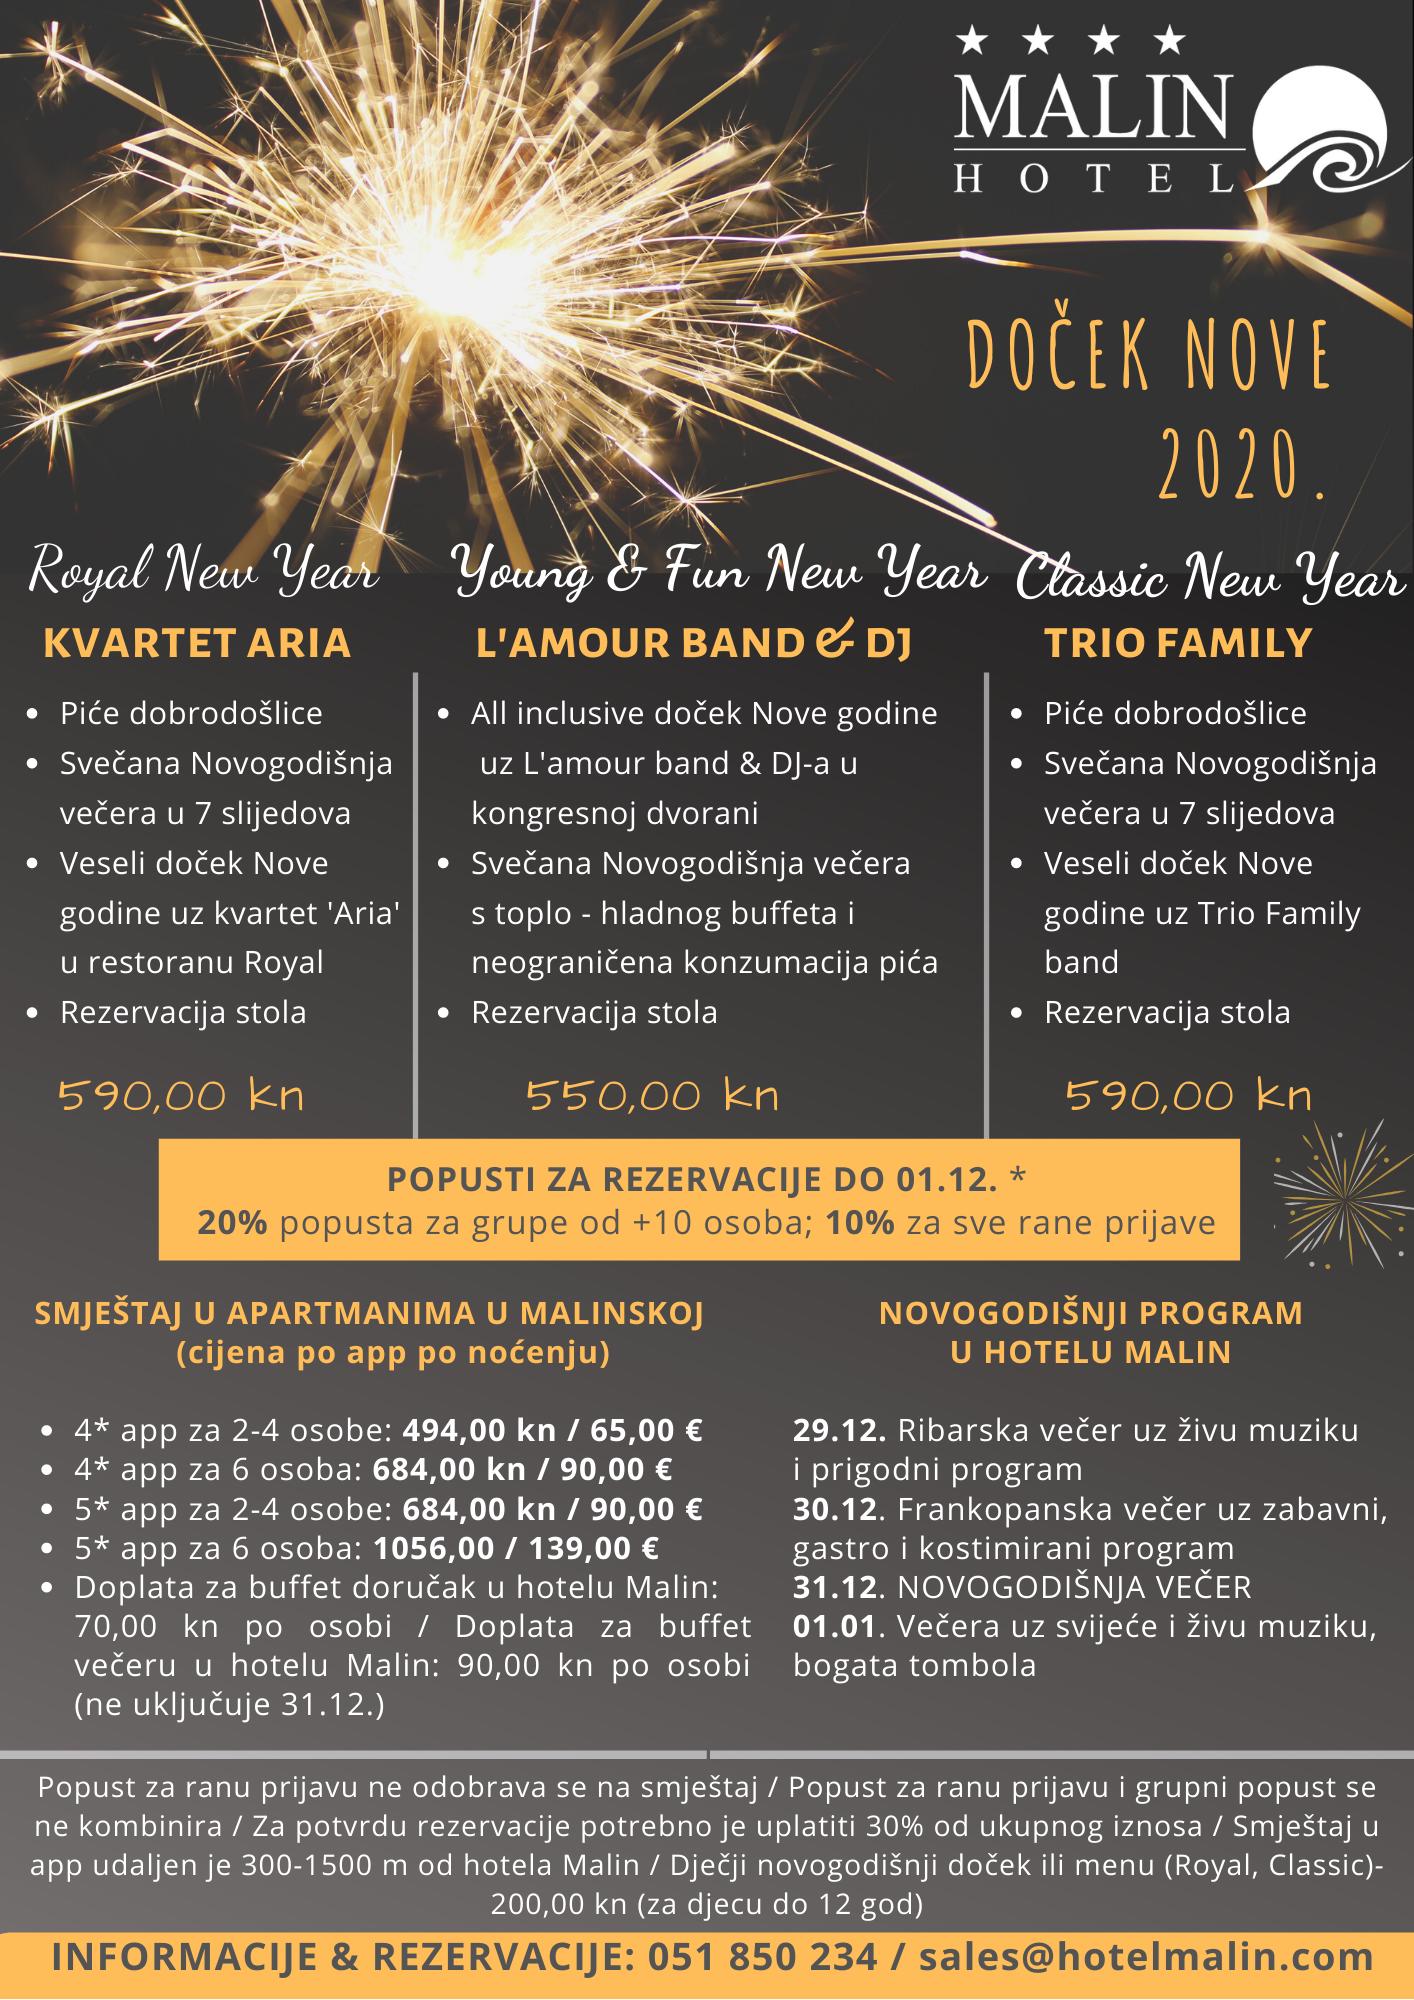 Nova godina u hotelu Malin – četiri nezaboravna dočeka za sve generacije